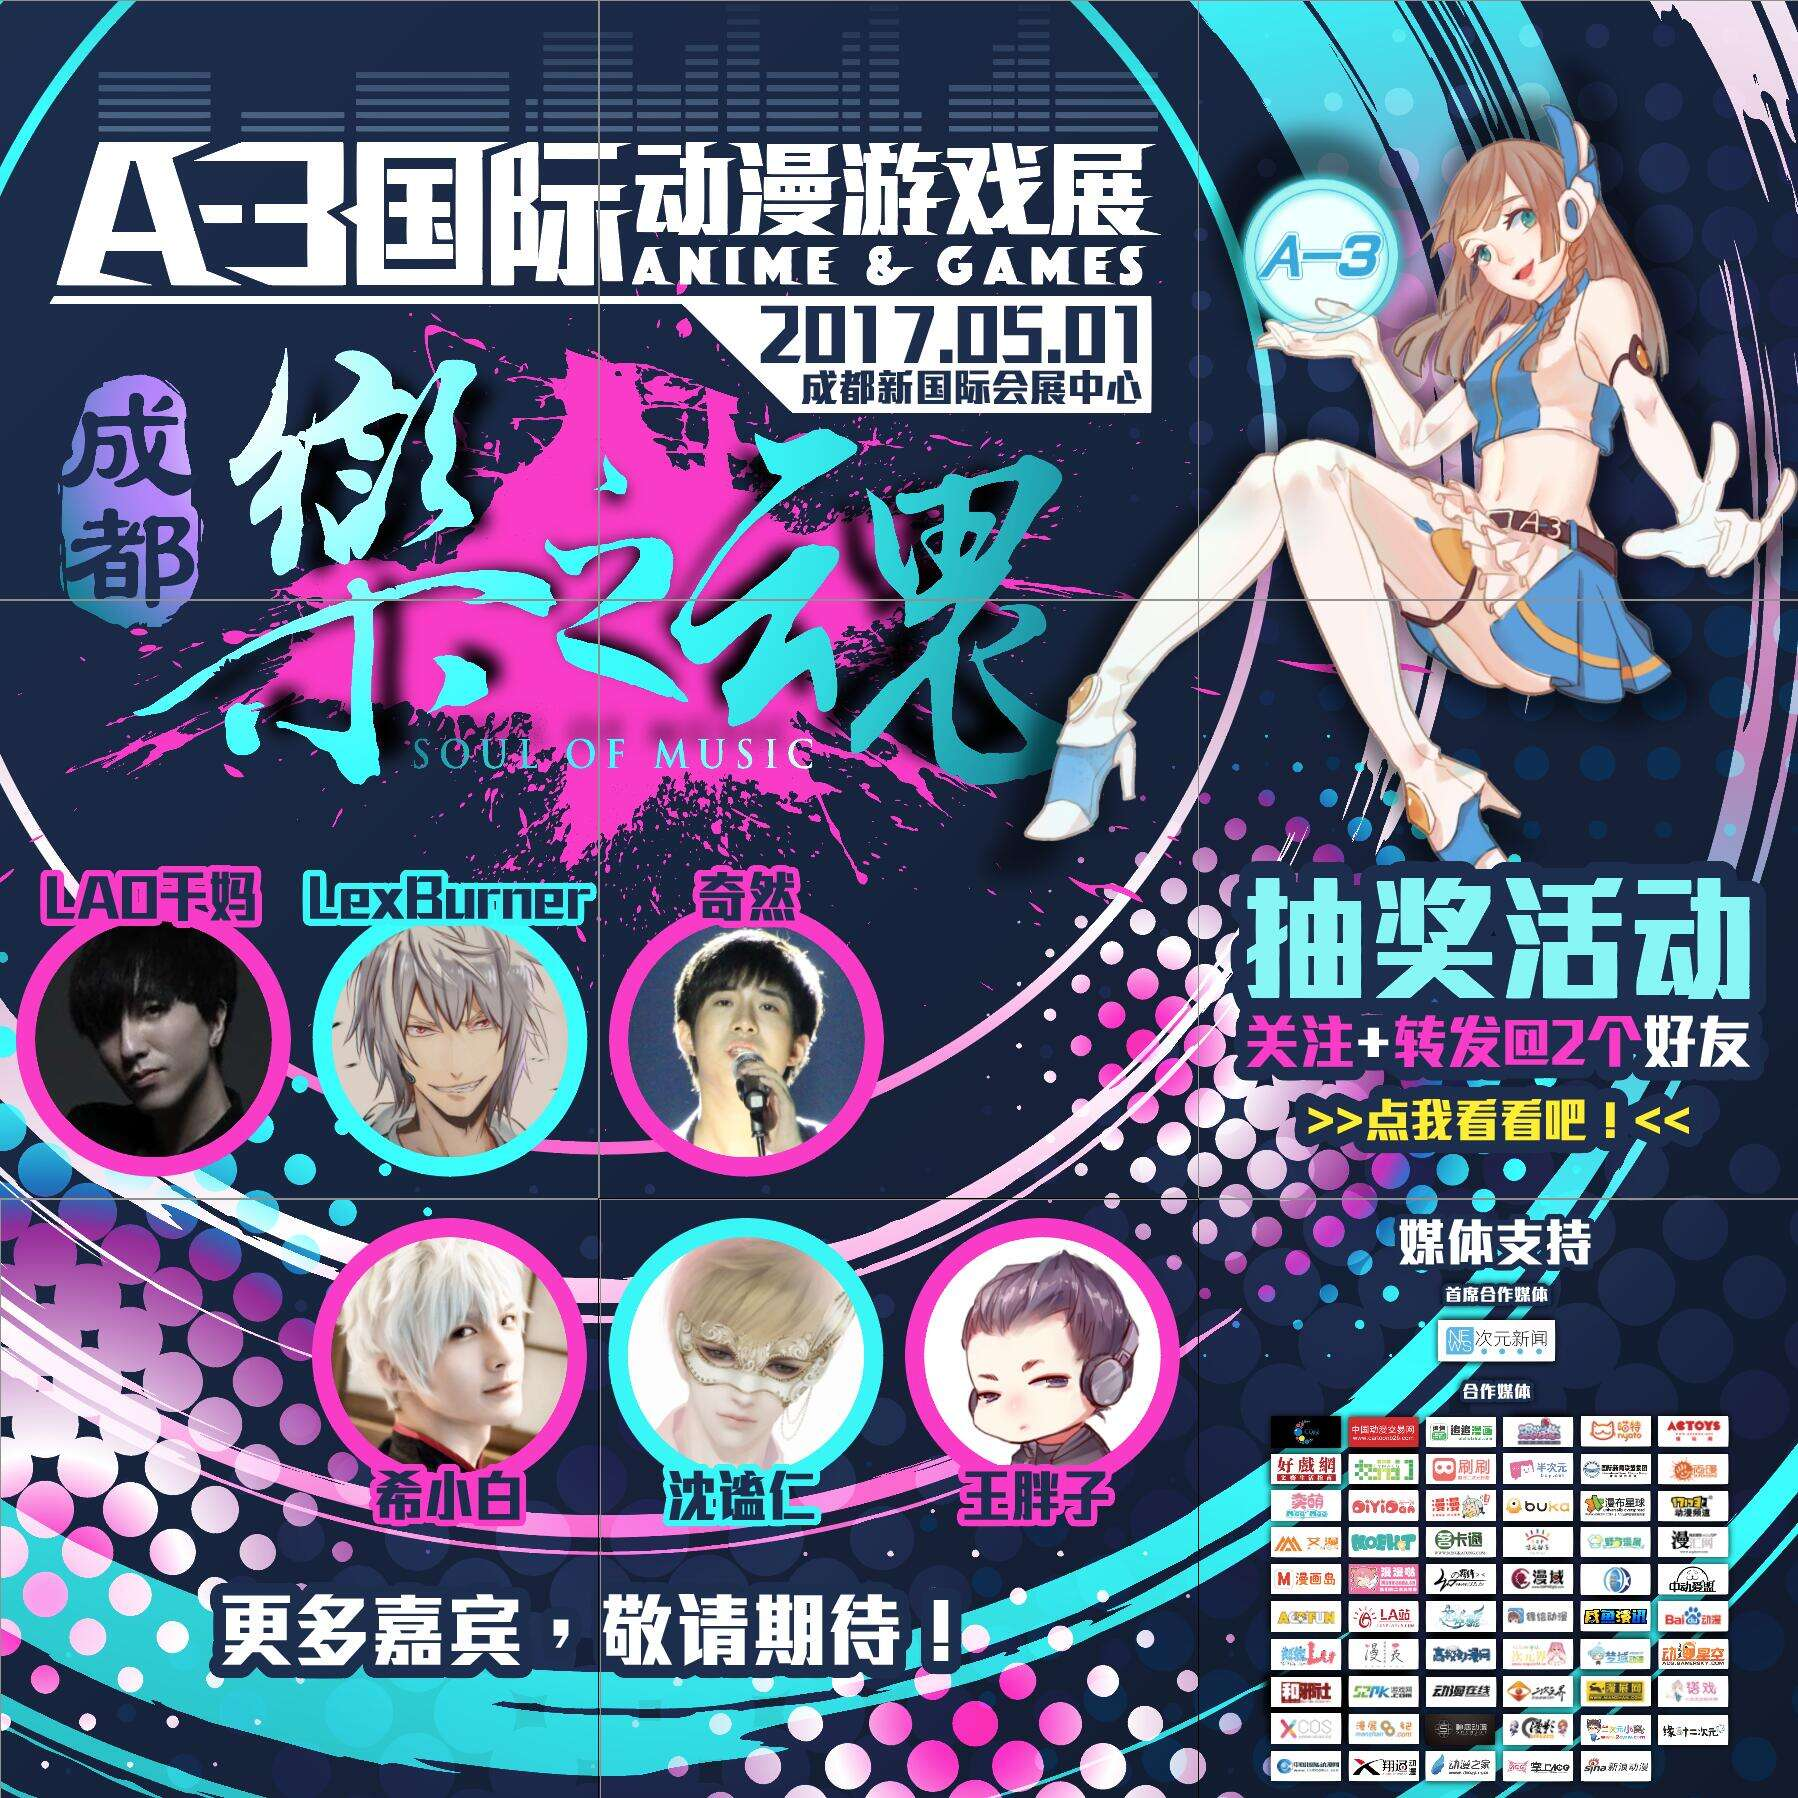 【成都】A-3国际动漫游戏展–成都站